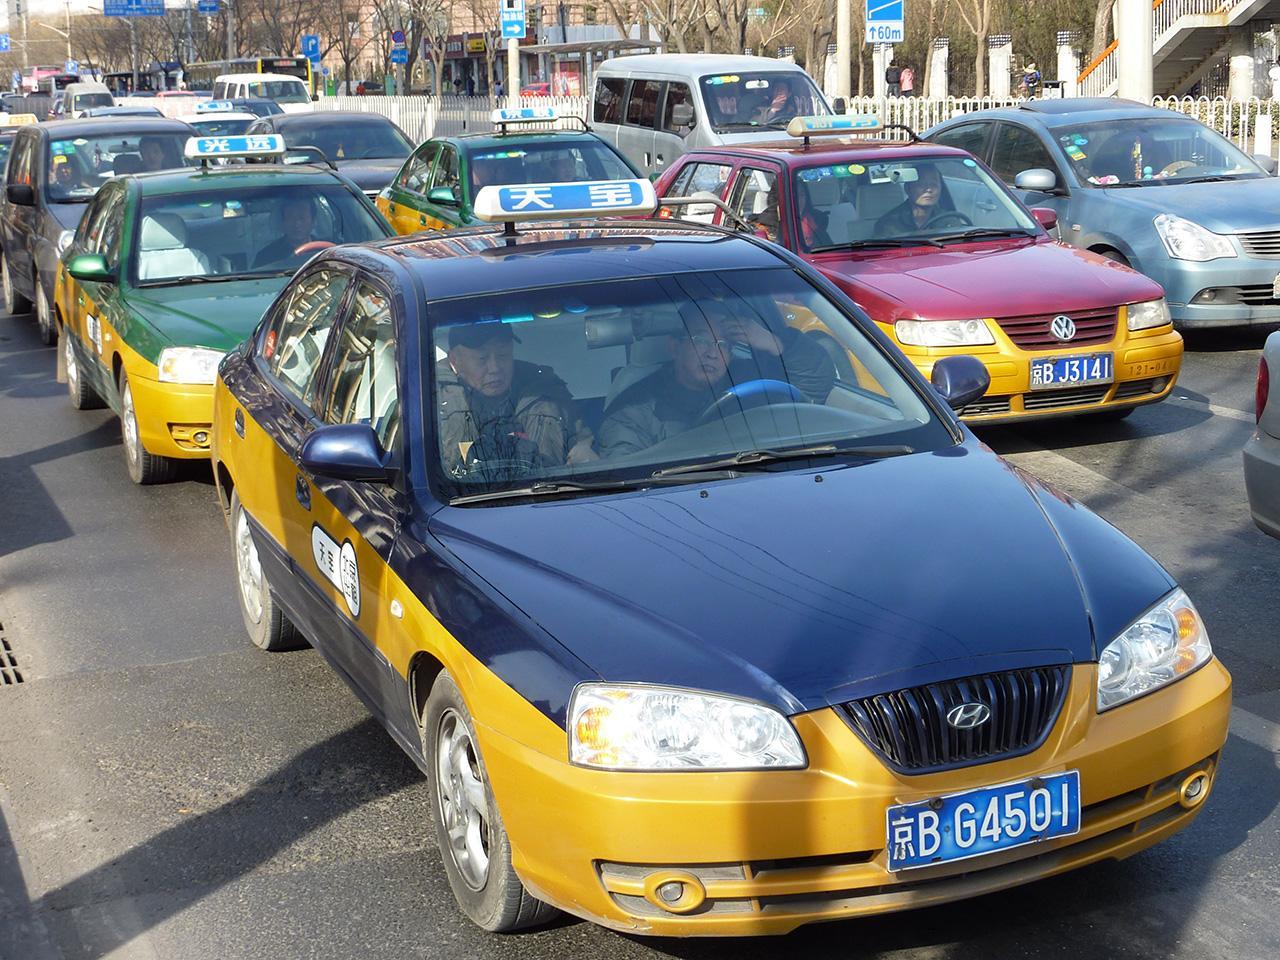 แท็กซี่จีนรุ่นใหม่ที่ไม่มีลูกกรงกั้น